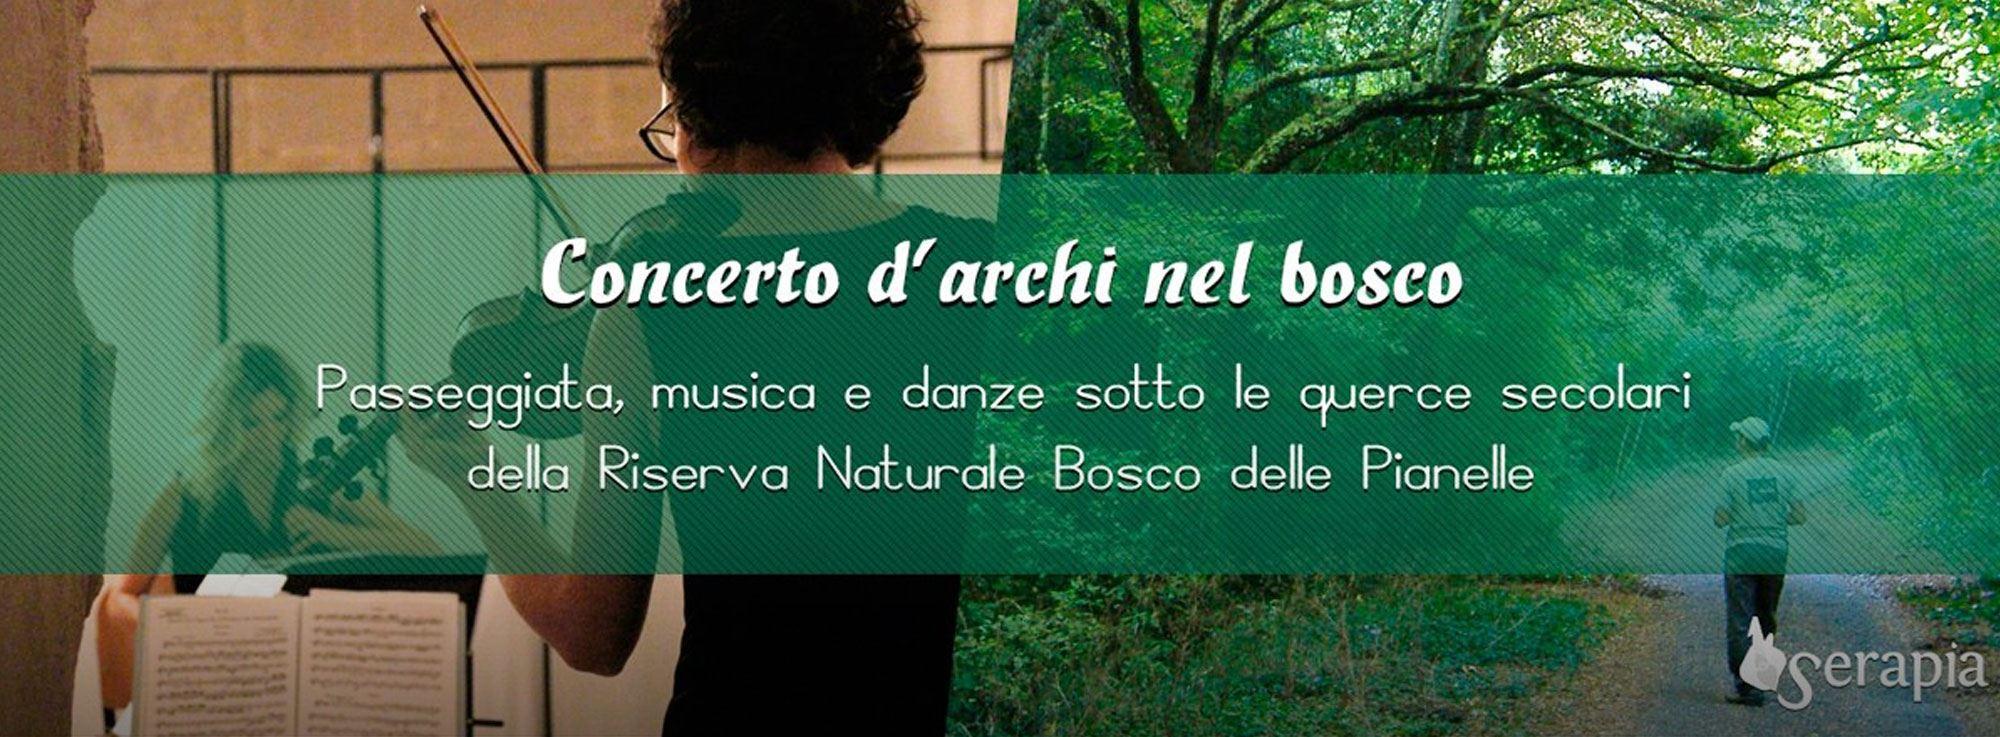 Martina Franca: Concerto d'Archi nel Bosco delle Pianelle